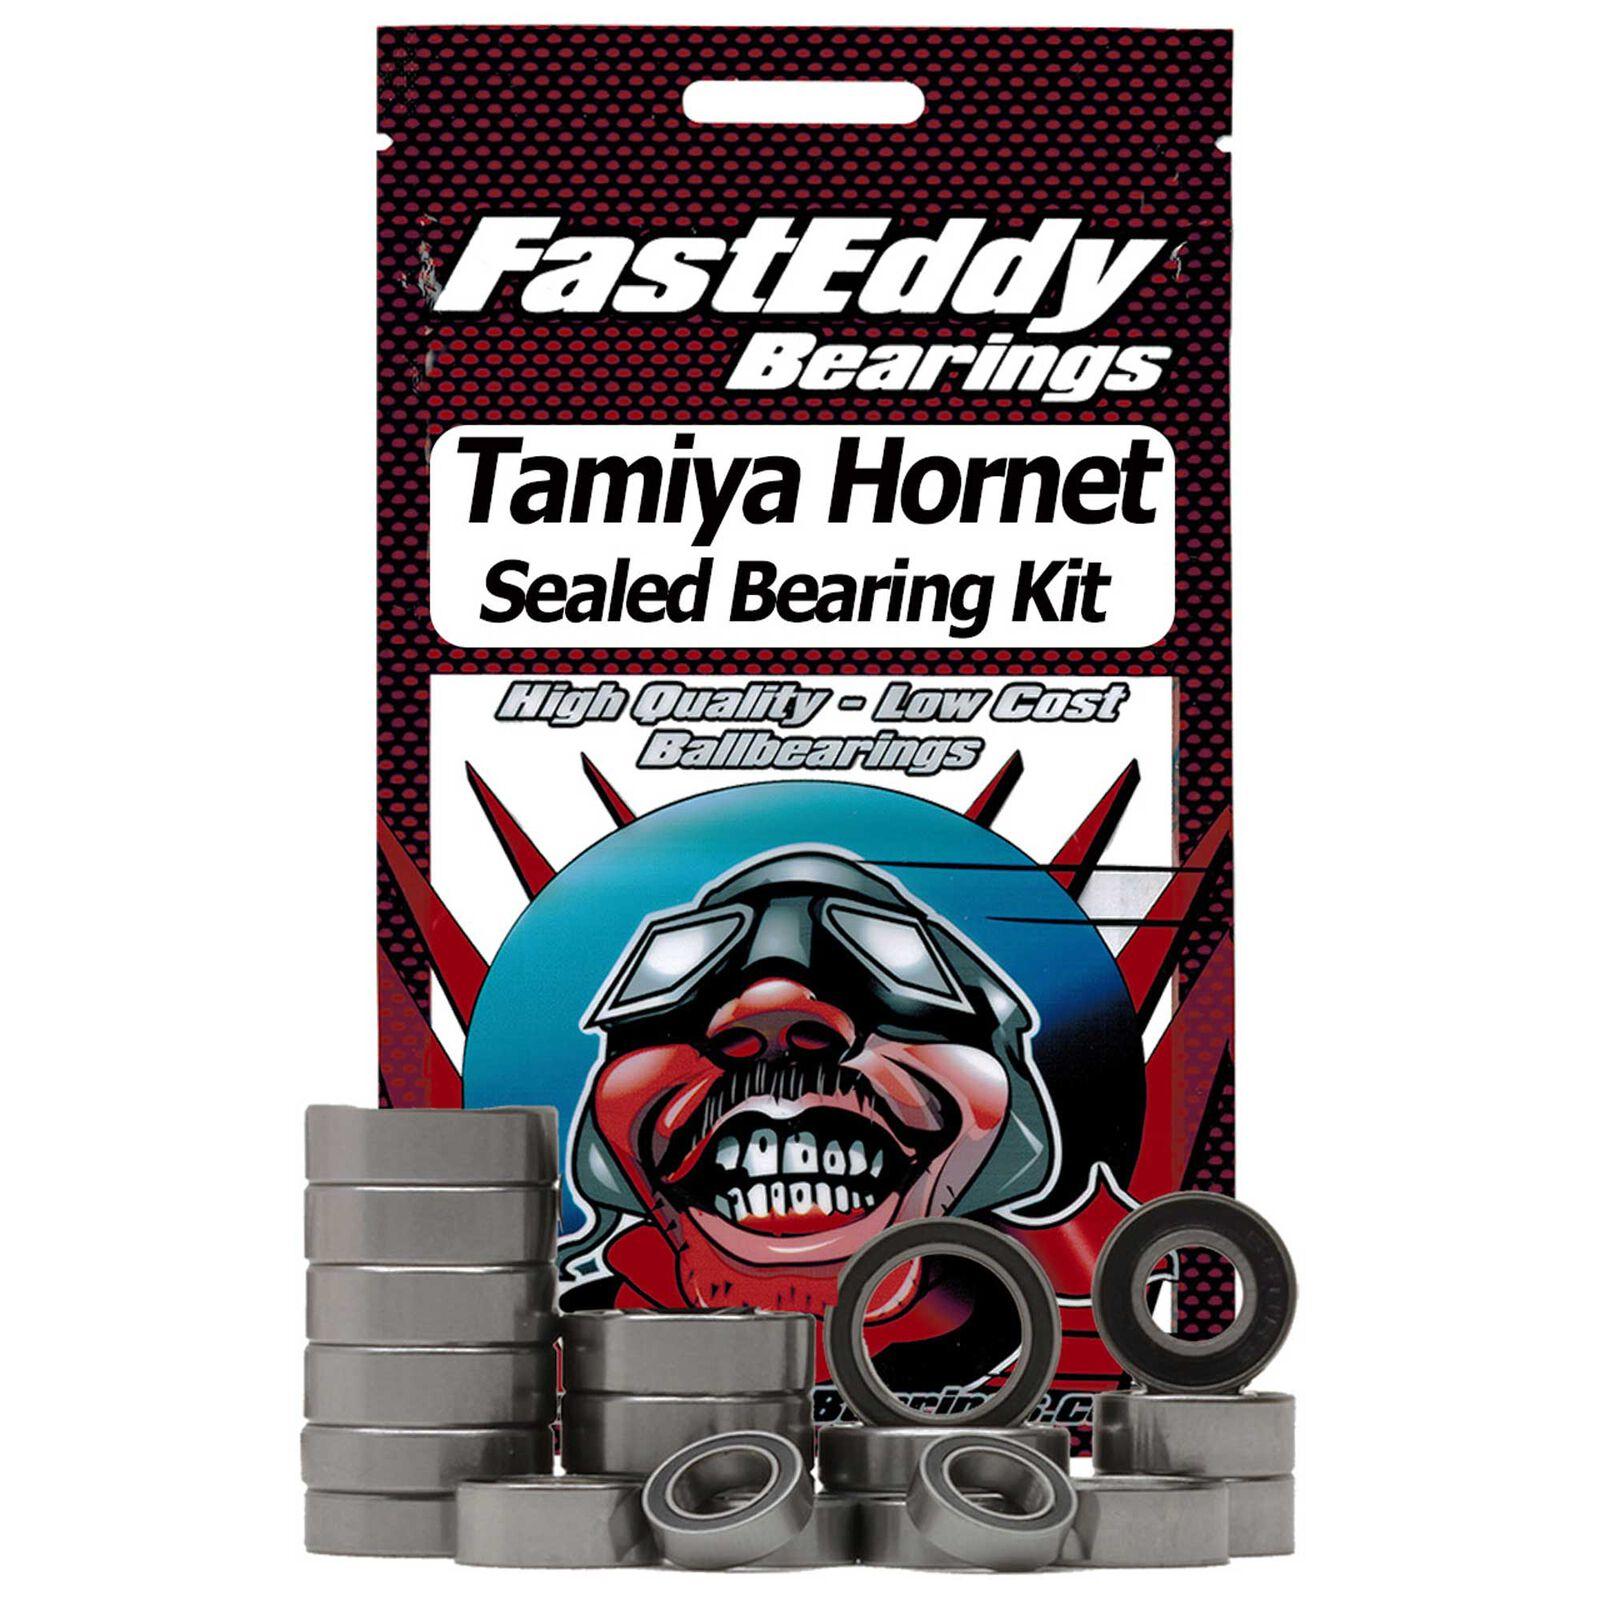 Sealed Bearing Kit: Tamiya Hornet (58043)